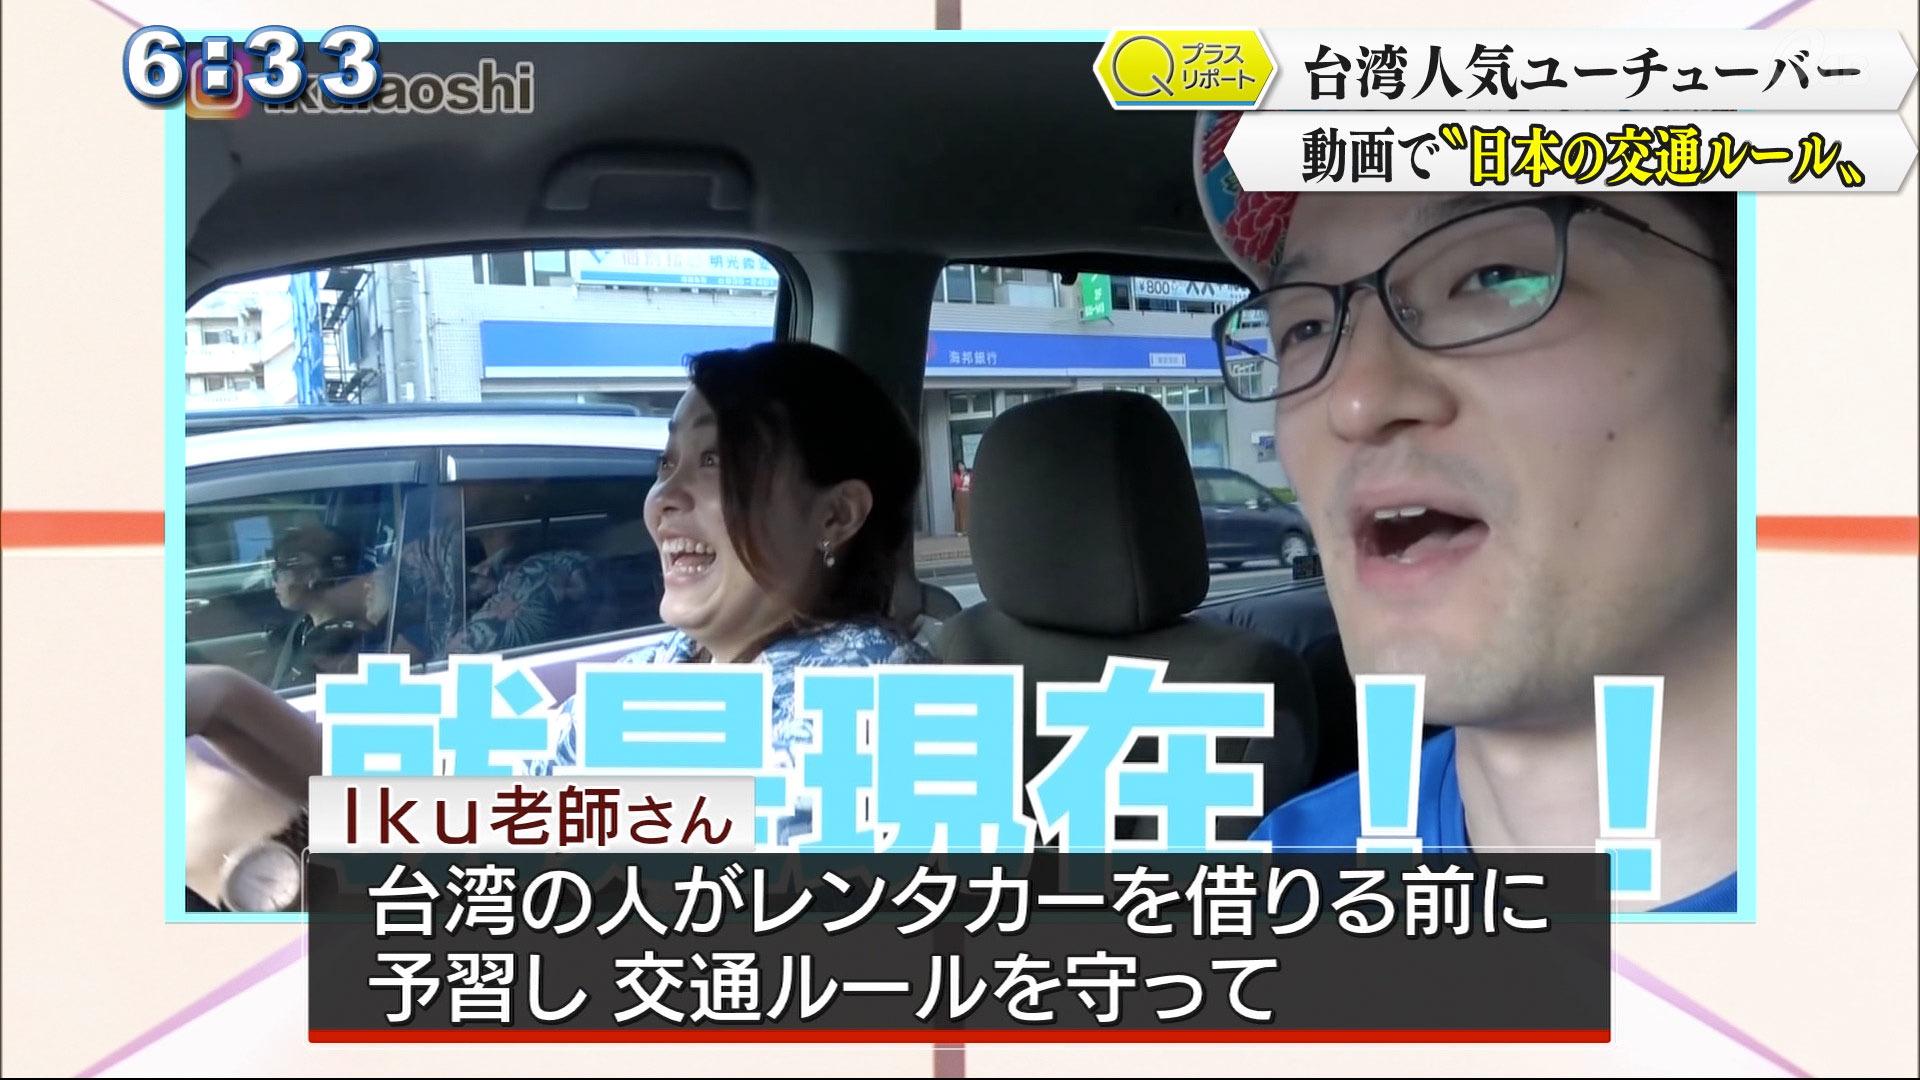 交通ルールを守って沖縄旅行を楽しんでほしい